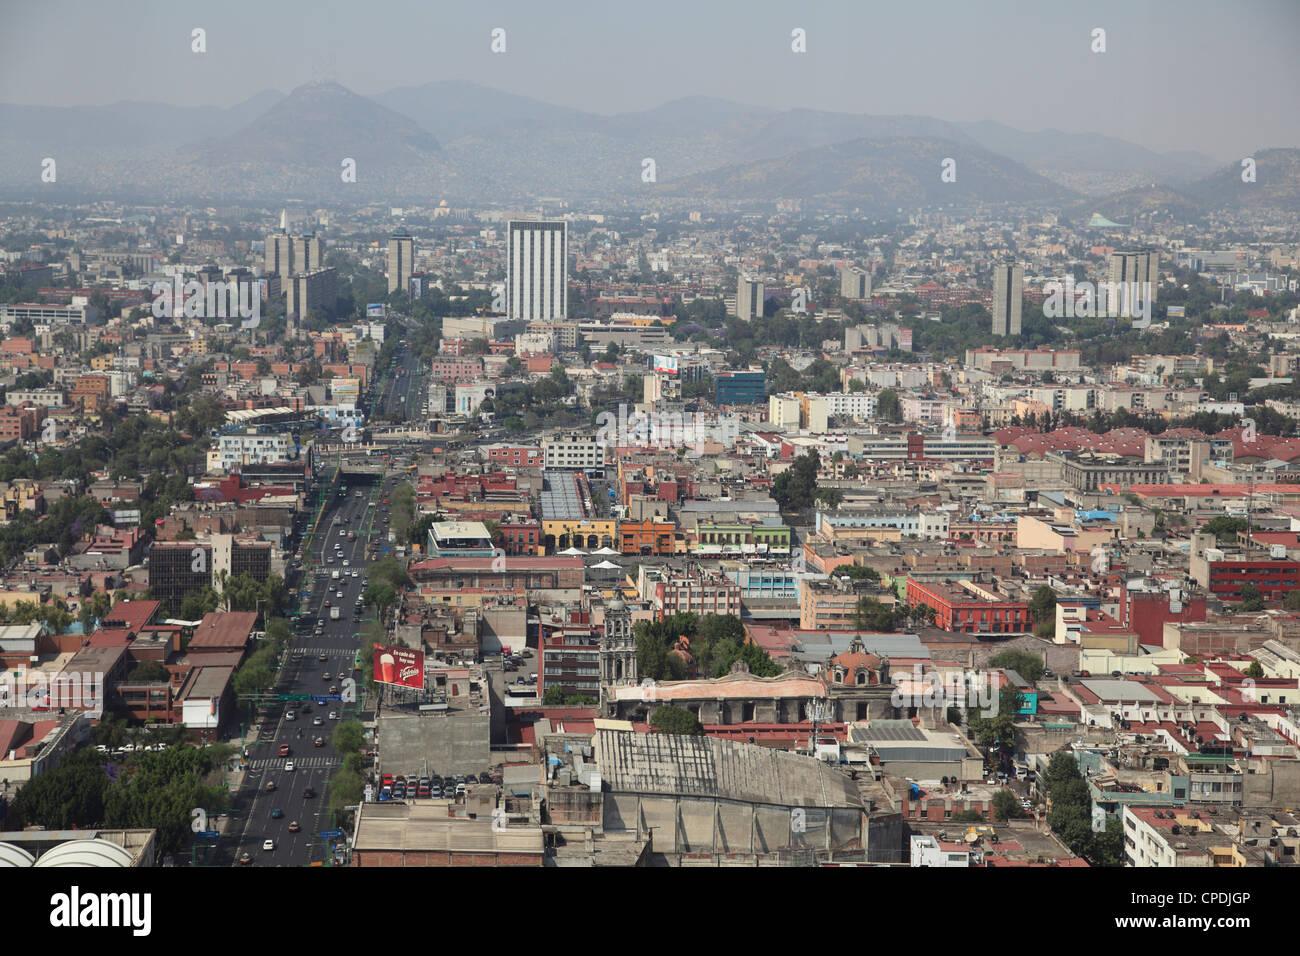 Vue sur le centre-ville de Mexico, Mexico, Mexique, Amérique du Nord Photo Stock